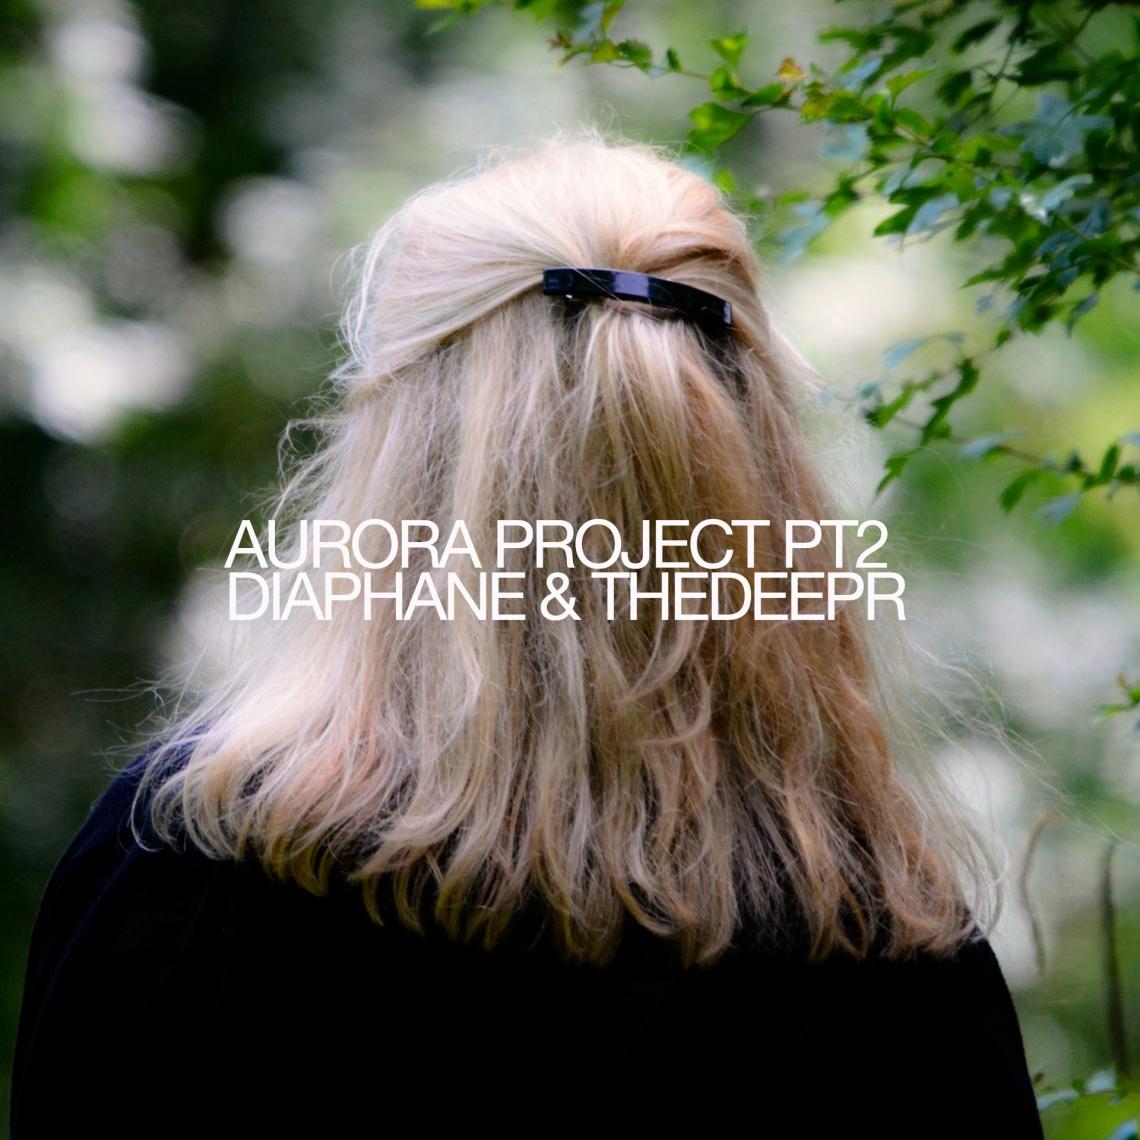 Aurora.diaphane.jpg